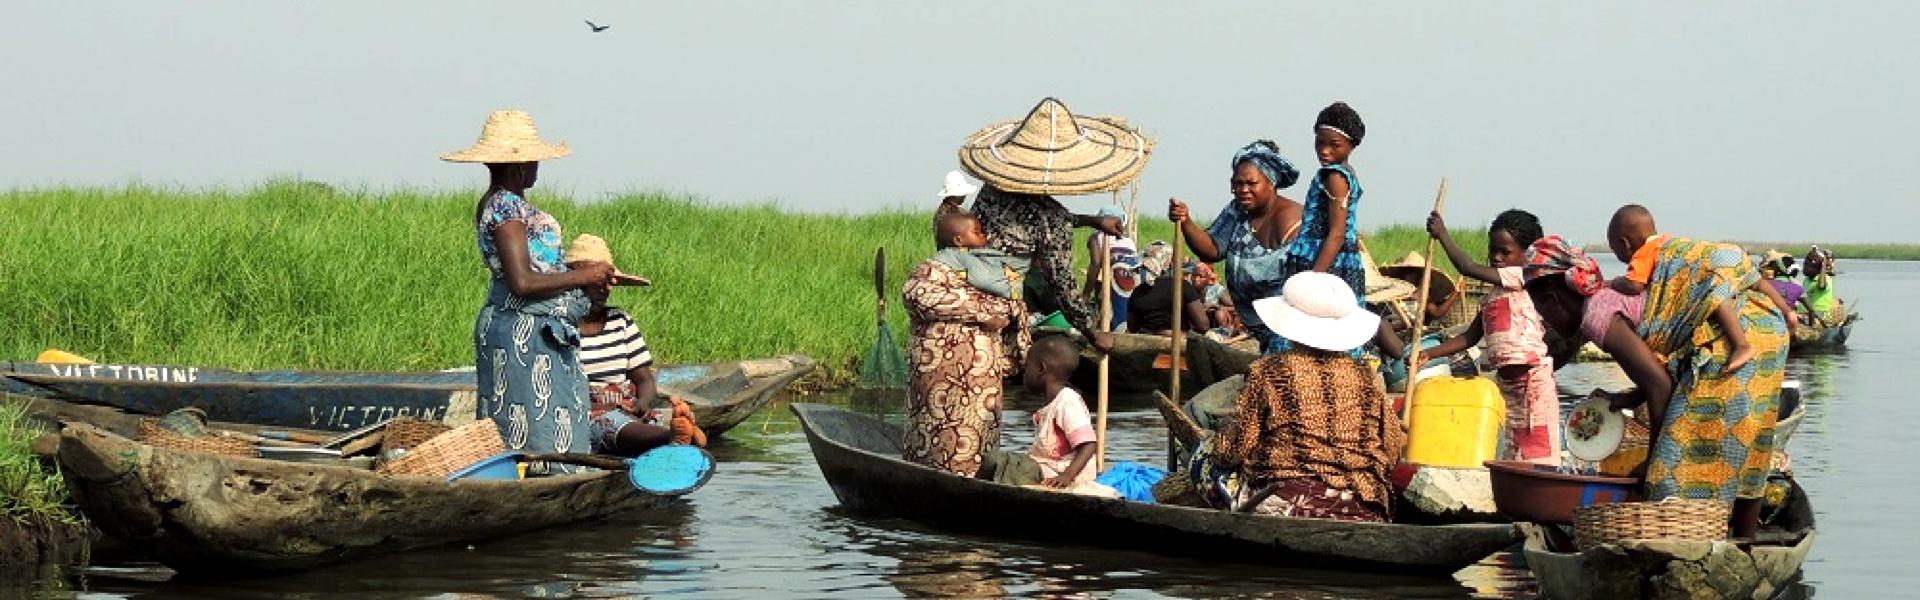 Benin | Bijzondere rondreis Benin